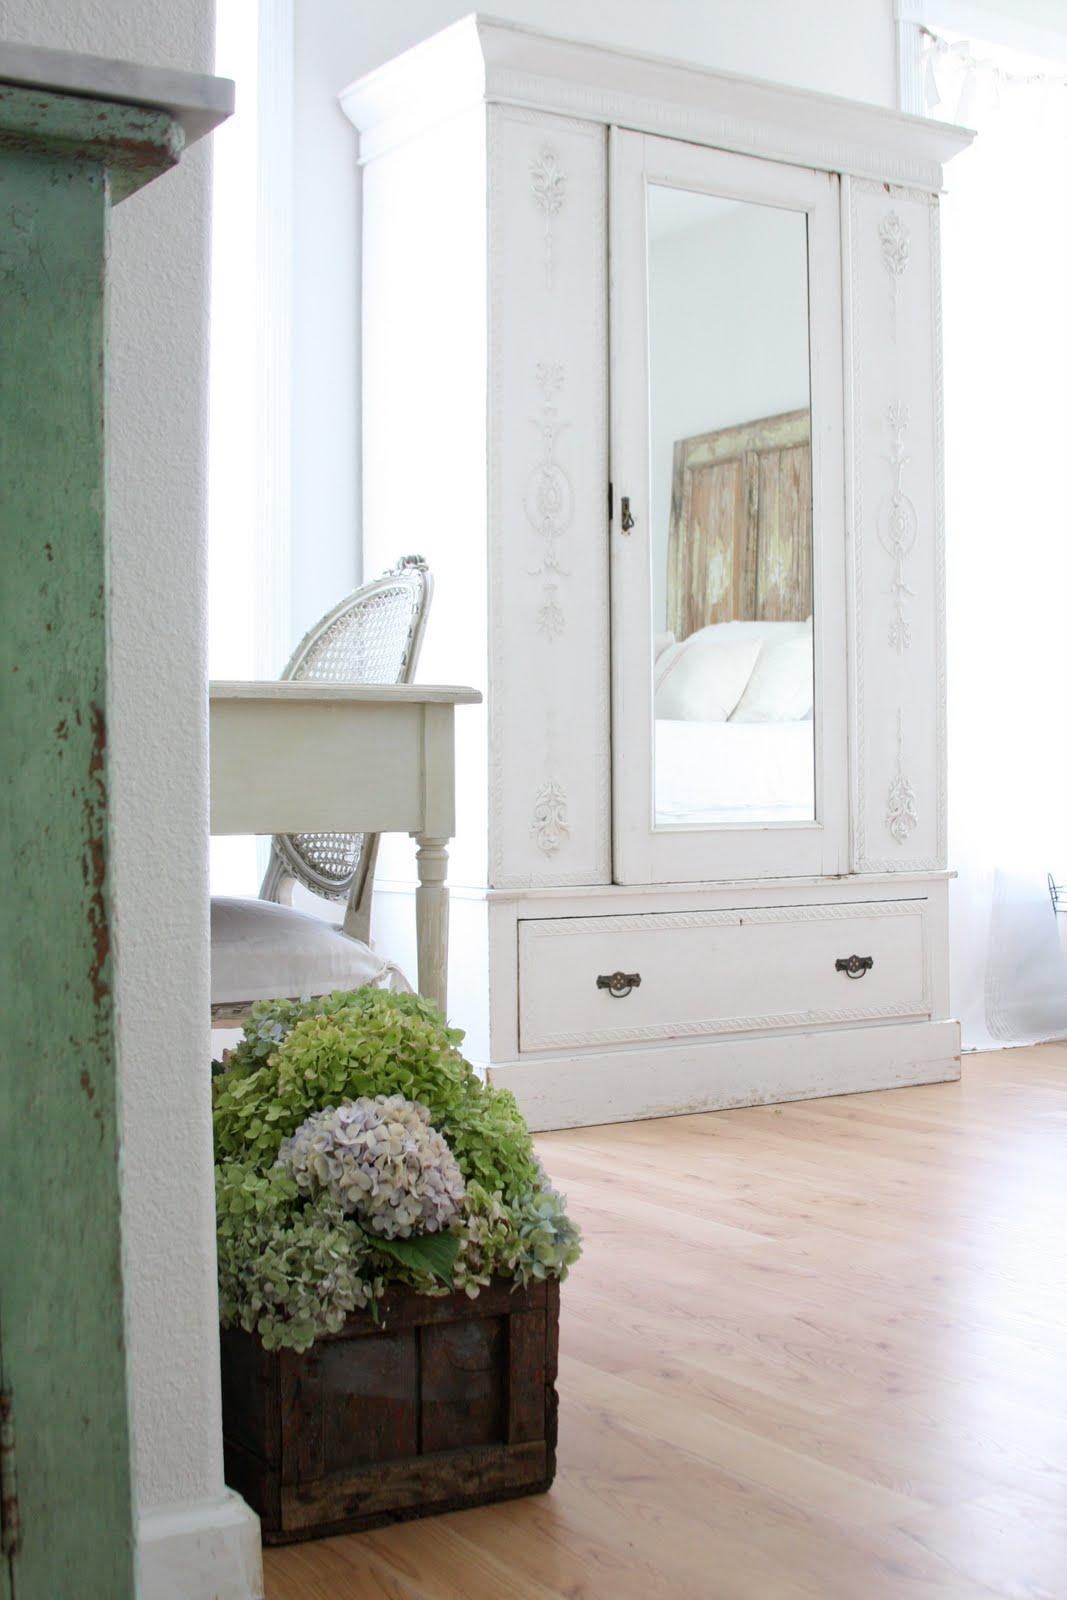 Небольшой платяной шкаф в стиле прованс подчеркнет нежность и легкость вашей спальни